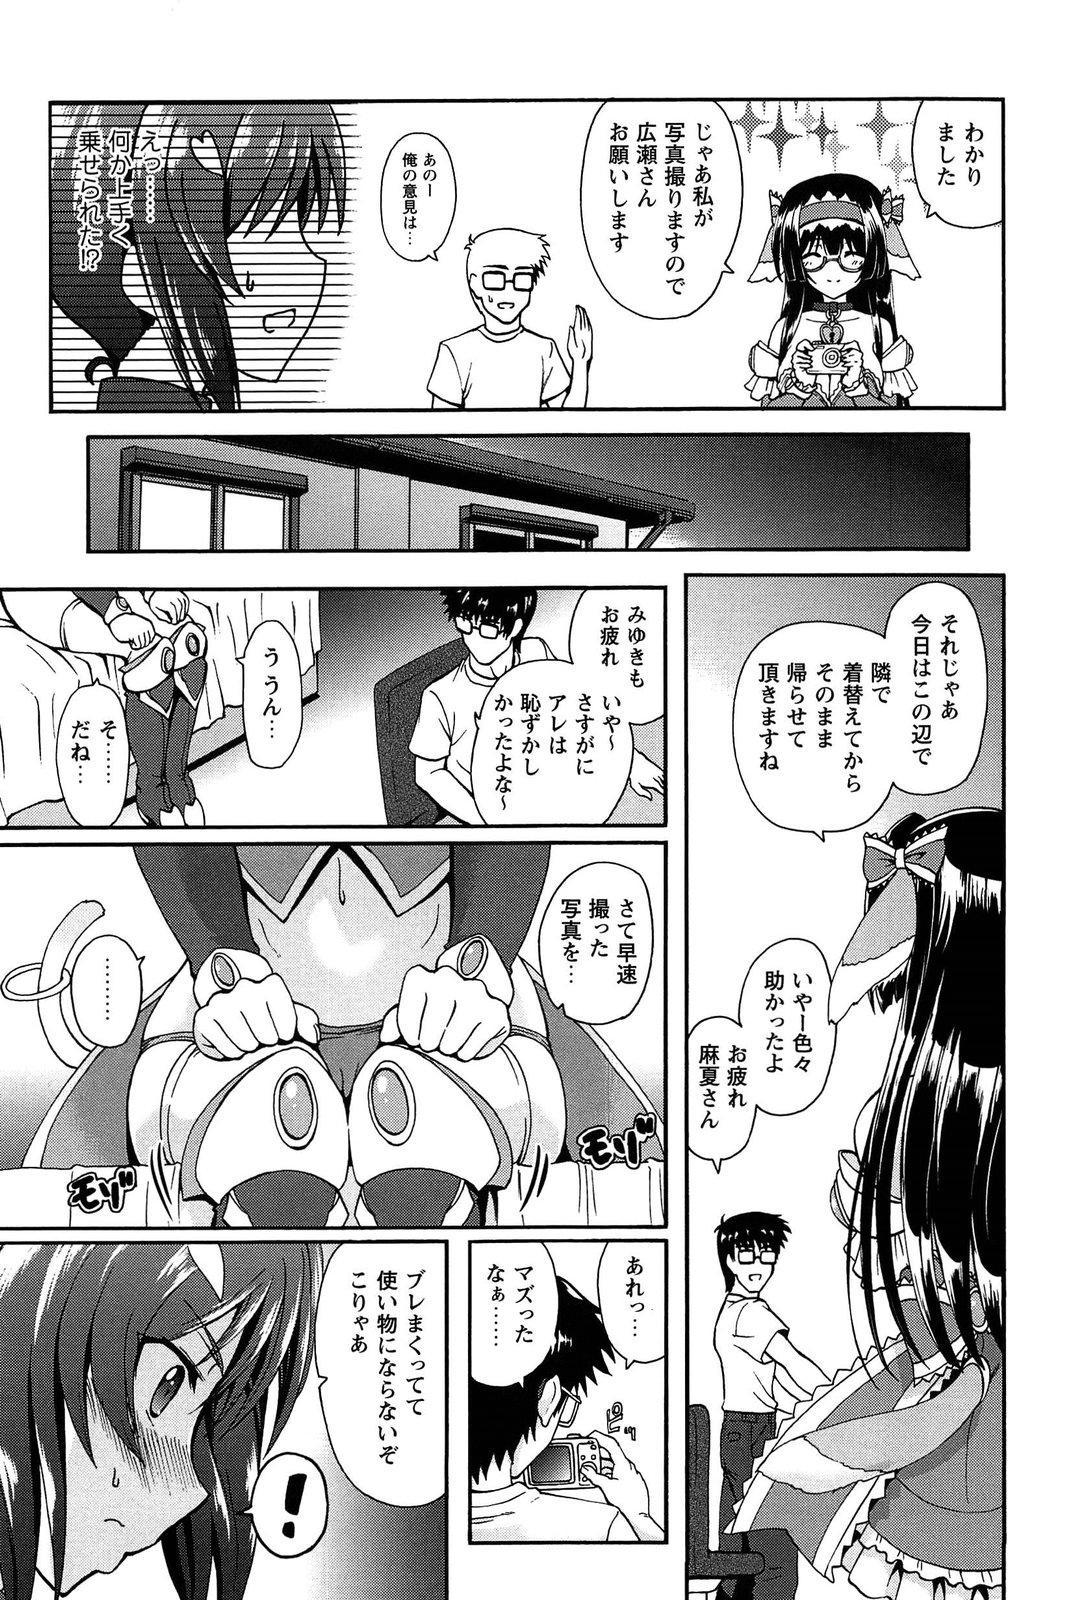 Eroge o Tsukurou! Genteiban - Let's develop the adult game together 76